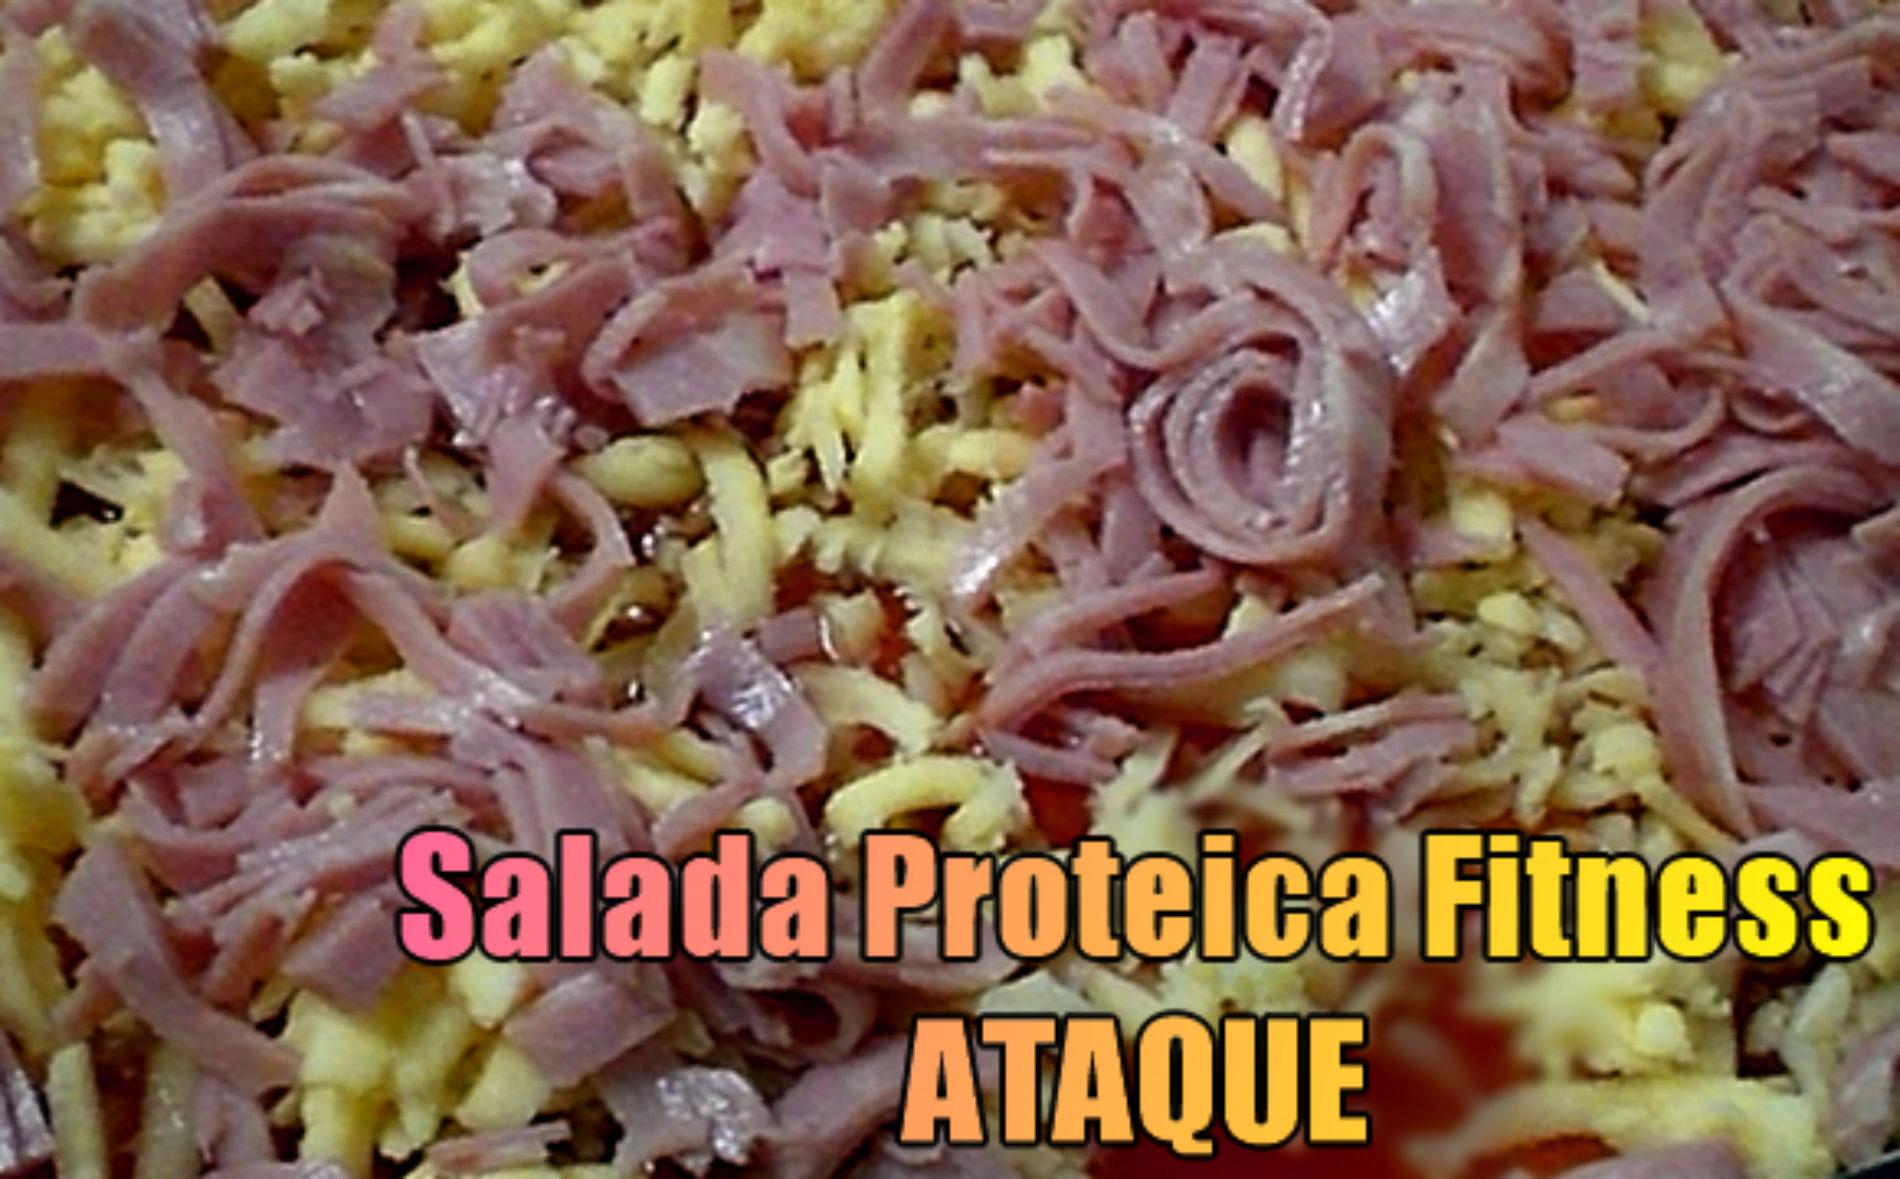 Salada proteica Fitness Ataque